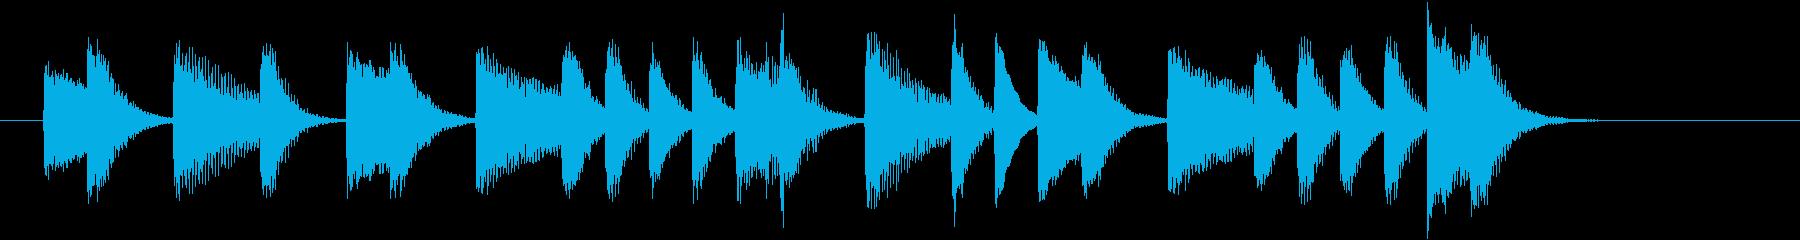 不思議なメロディの可愛いピアノジングルの再生済みの波形